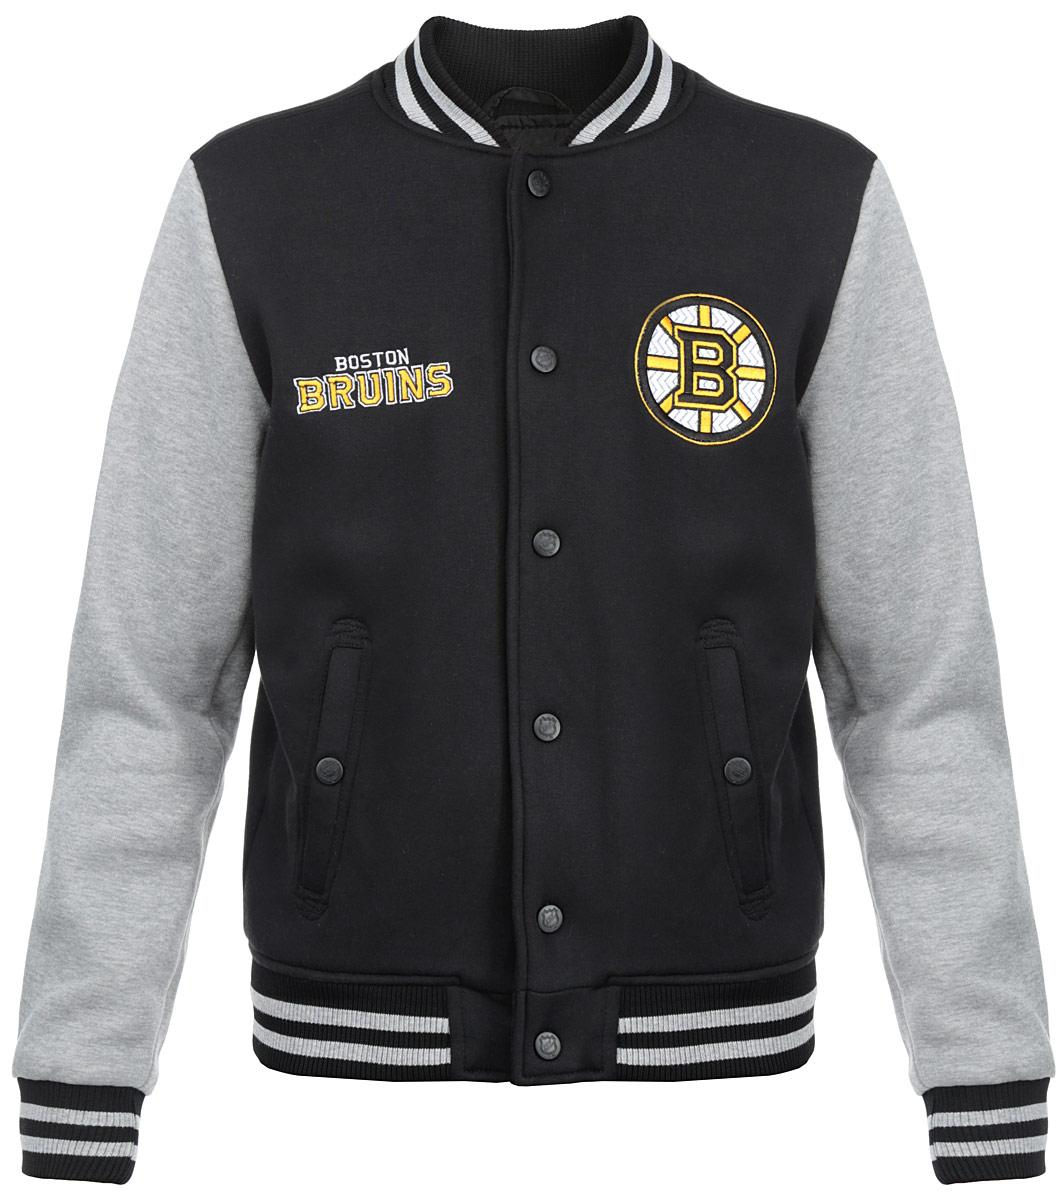 Куртка мужская NHL Boston Bruins, цвет:  черный, серый меланж.  57050.  Размер L (50) NHL